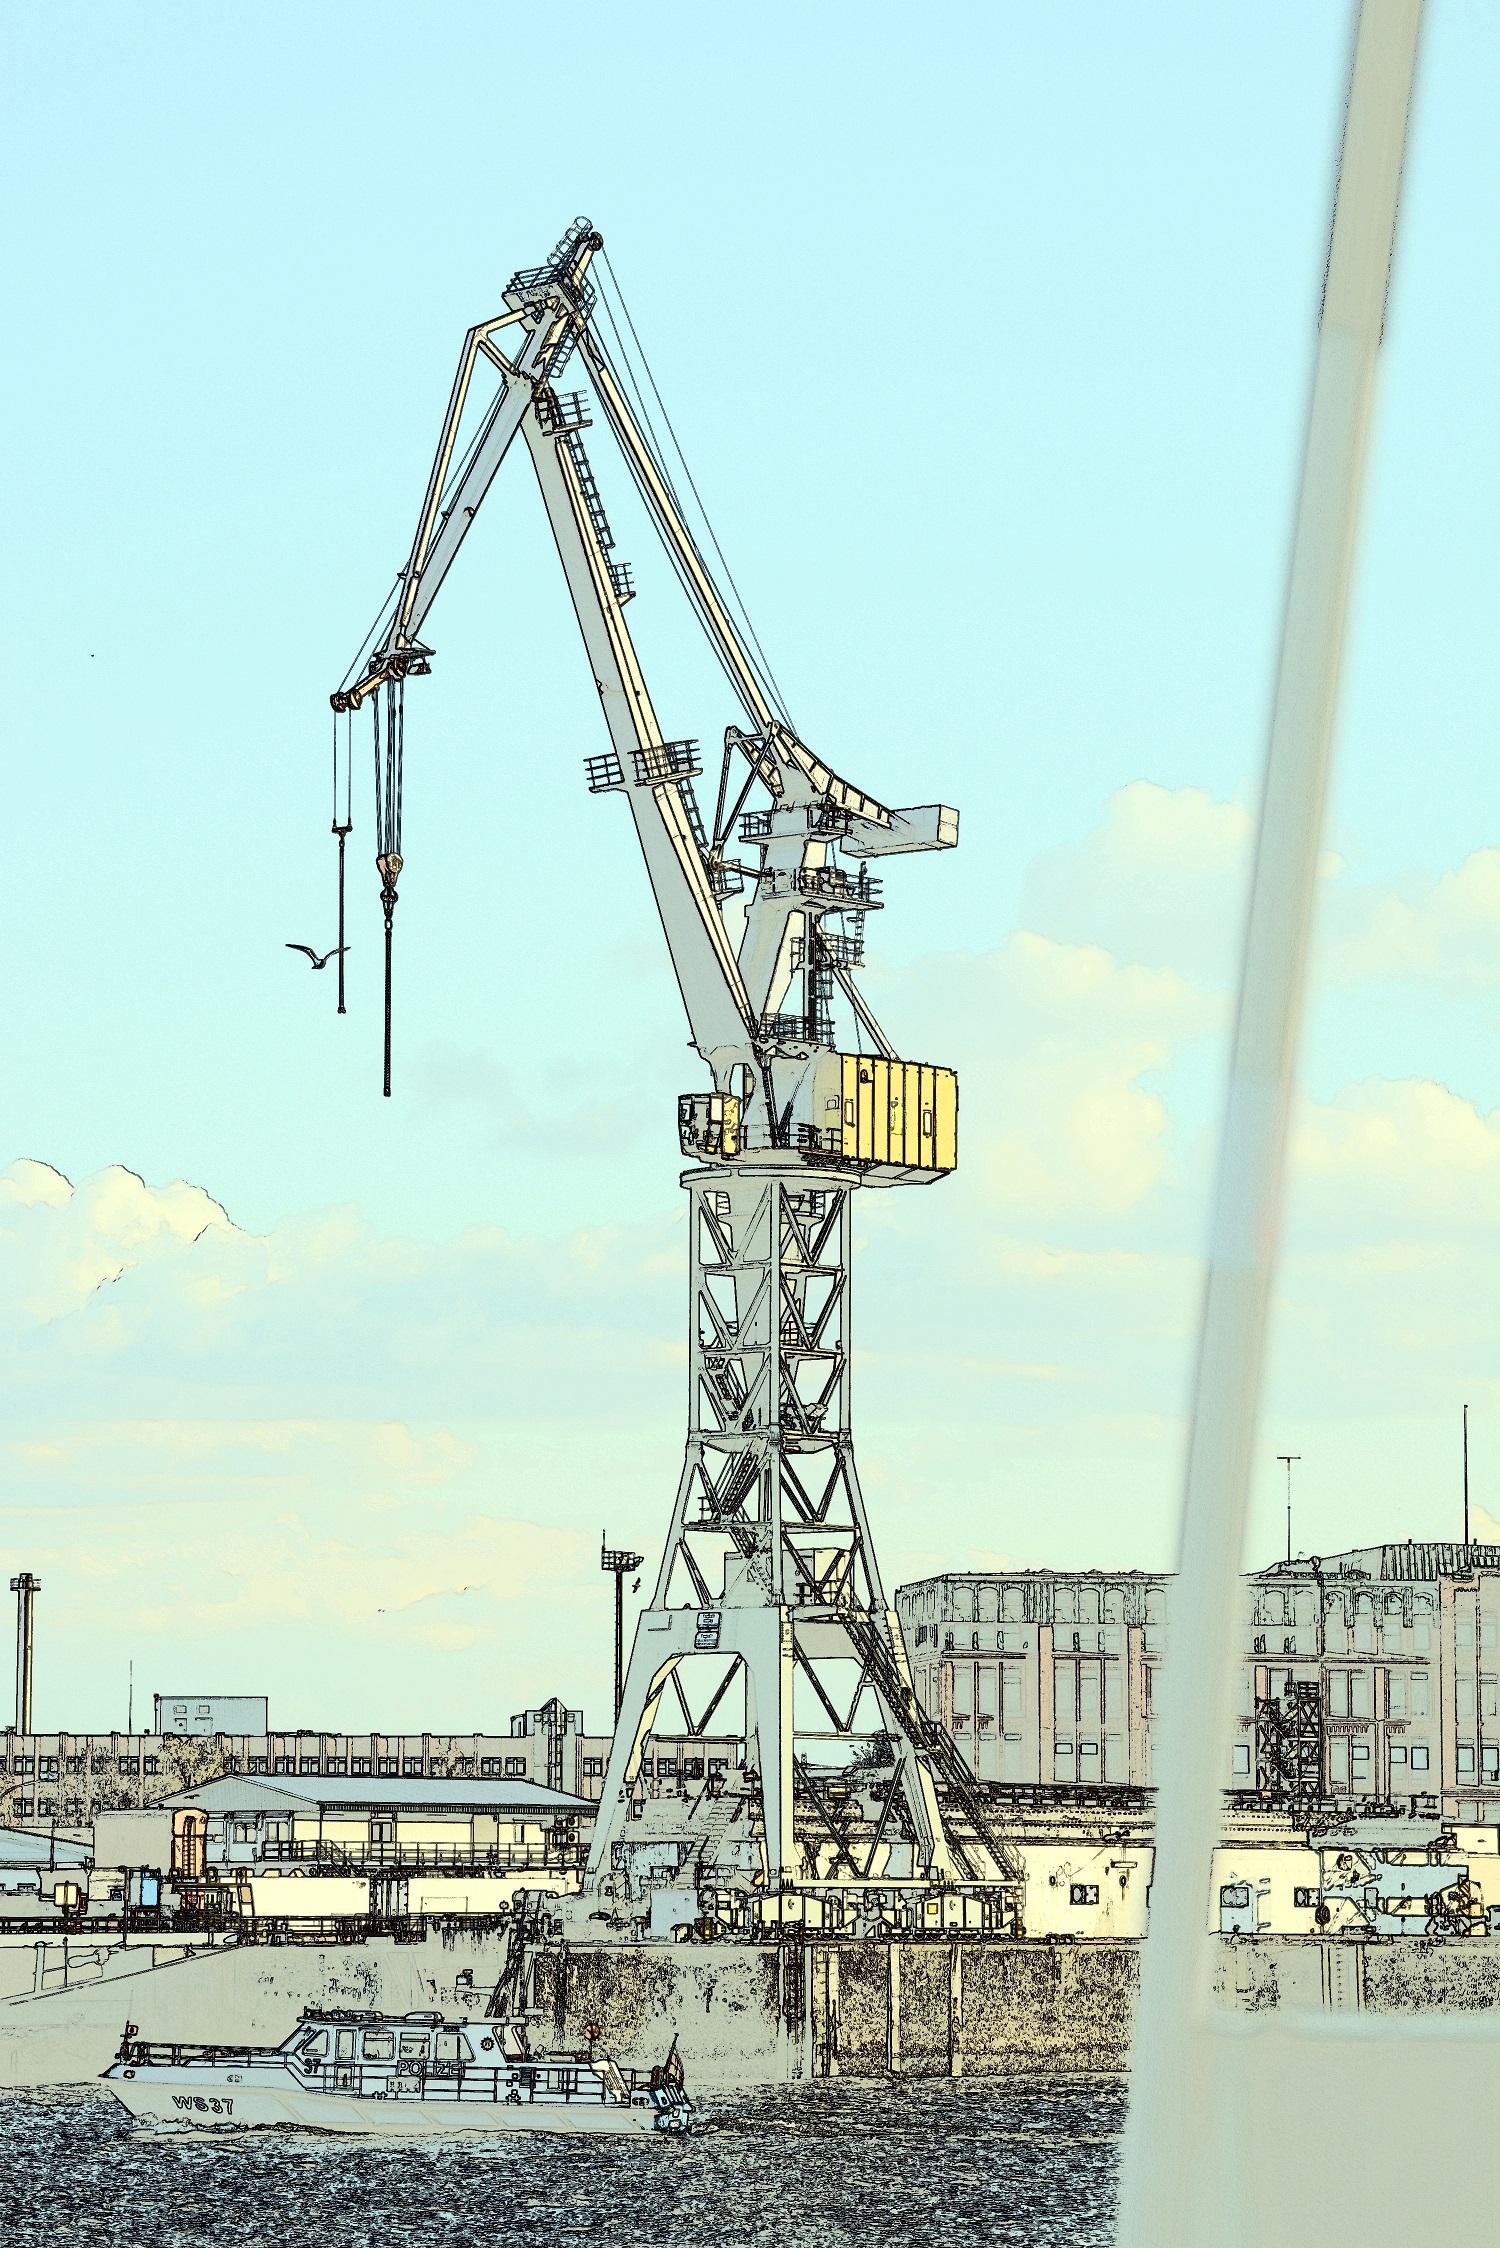 20 Hamburg Hafen Kran Zeichnung 01.jpg